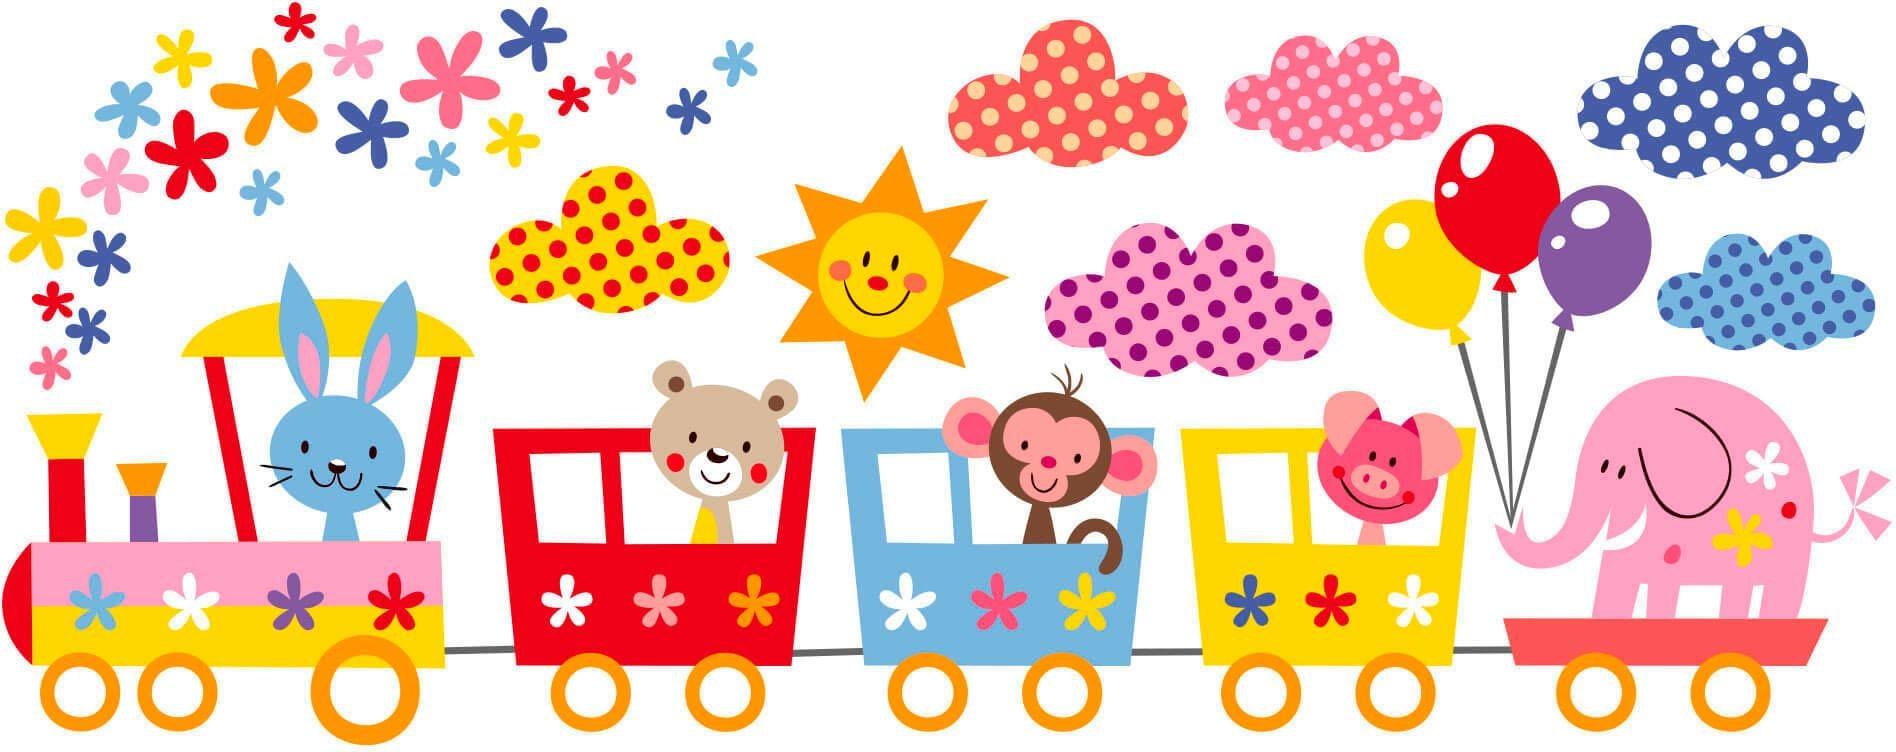 Wandtattoo Lustige Tiere im Zug Wohnen/Accessoires & Leuchten/Wohnaccessoires/Wandtattoos und Wandsticker/Wandtattoos Tiere